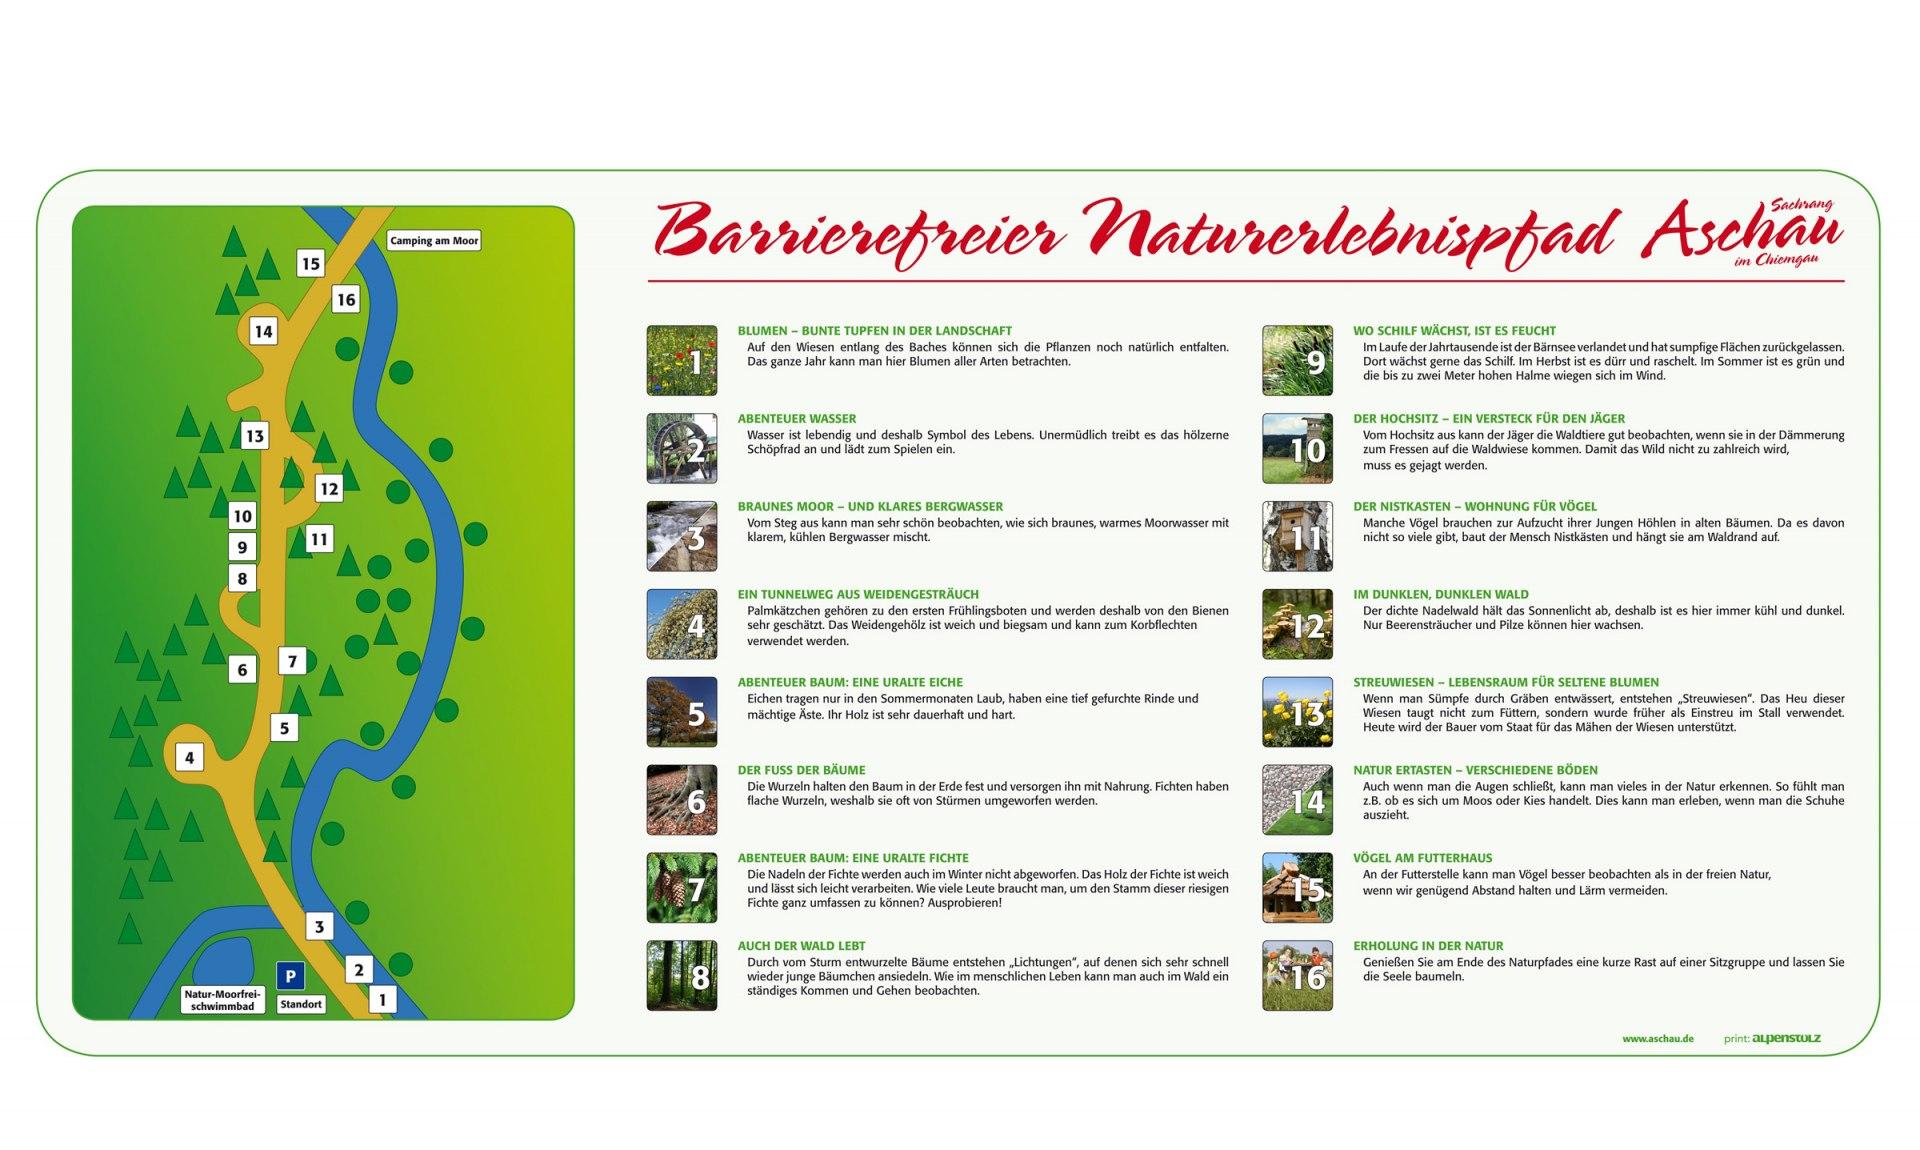 Infotafel Barrierefreier Naturerlebnispfad Aschau, © Tourist Info Aschau i.Ch.